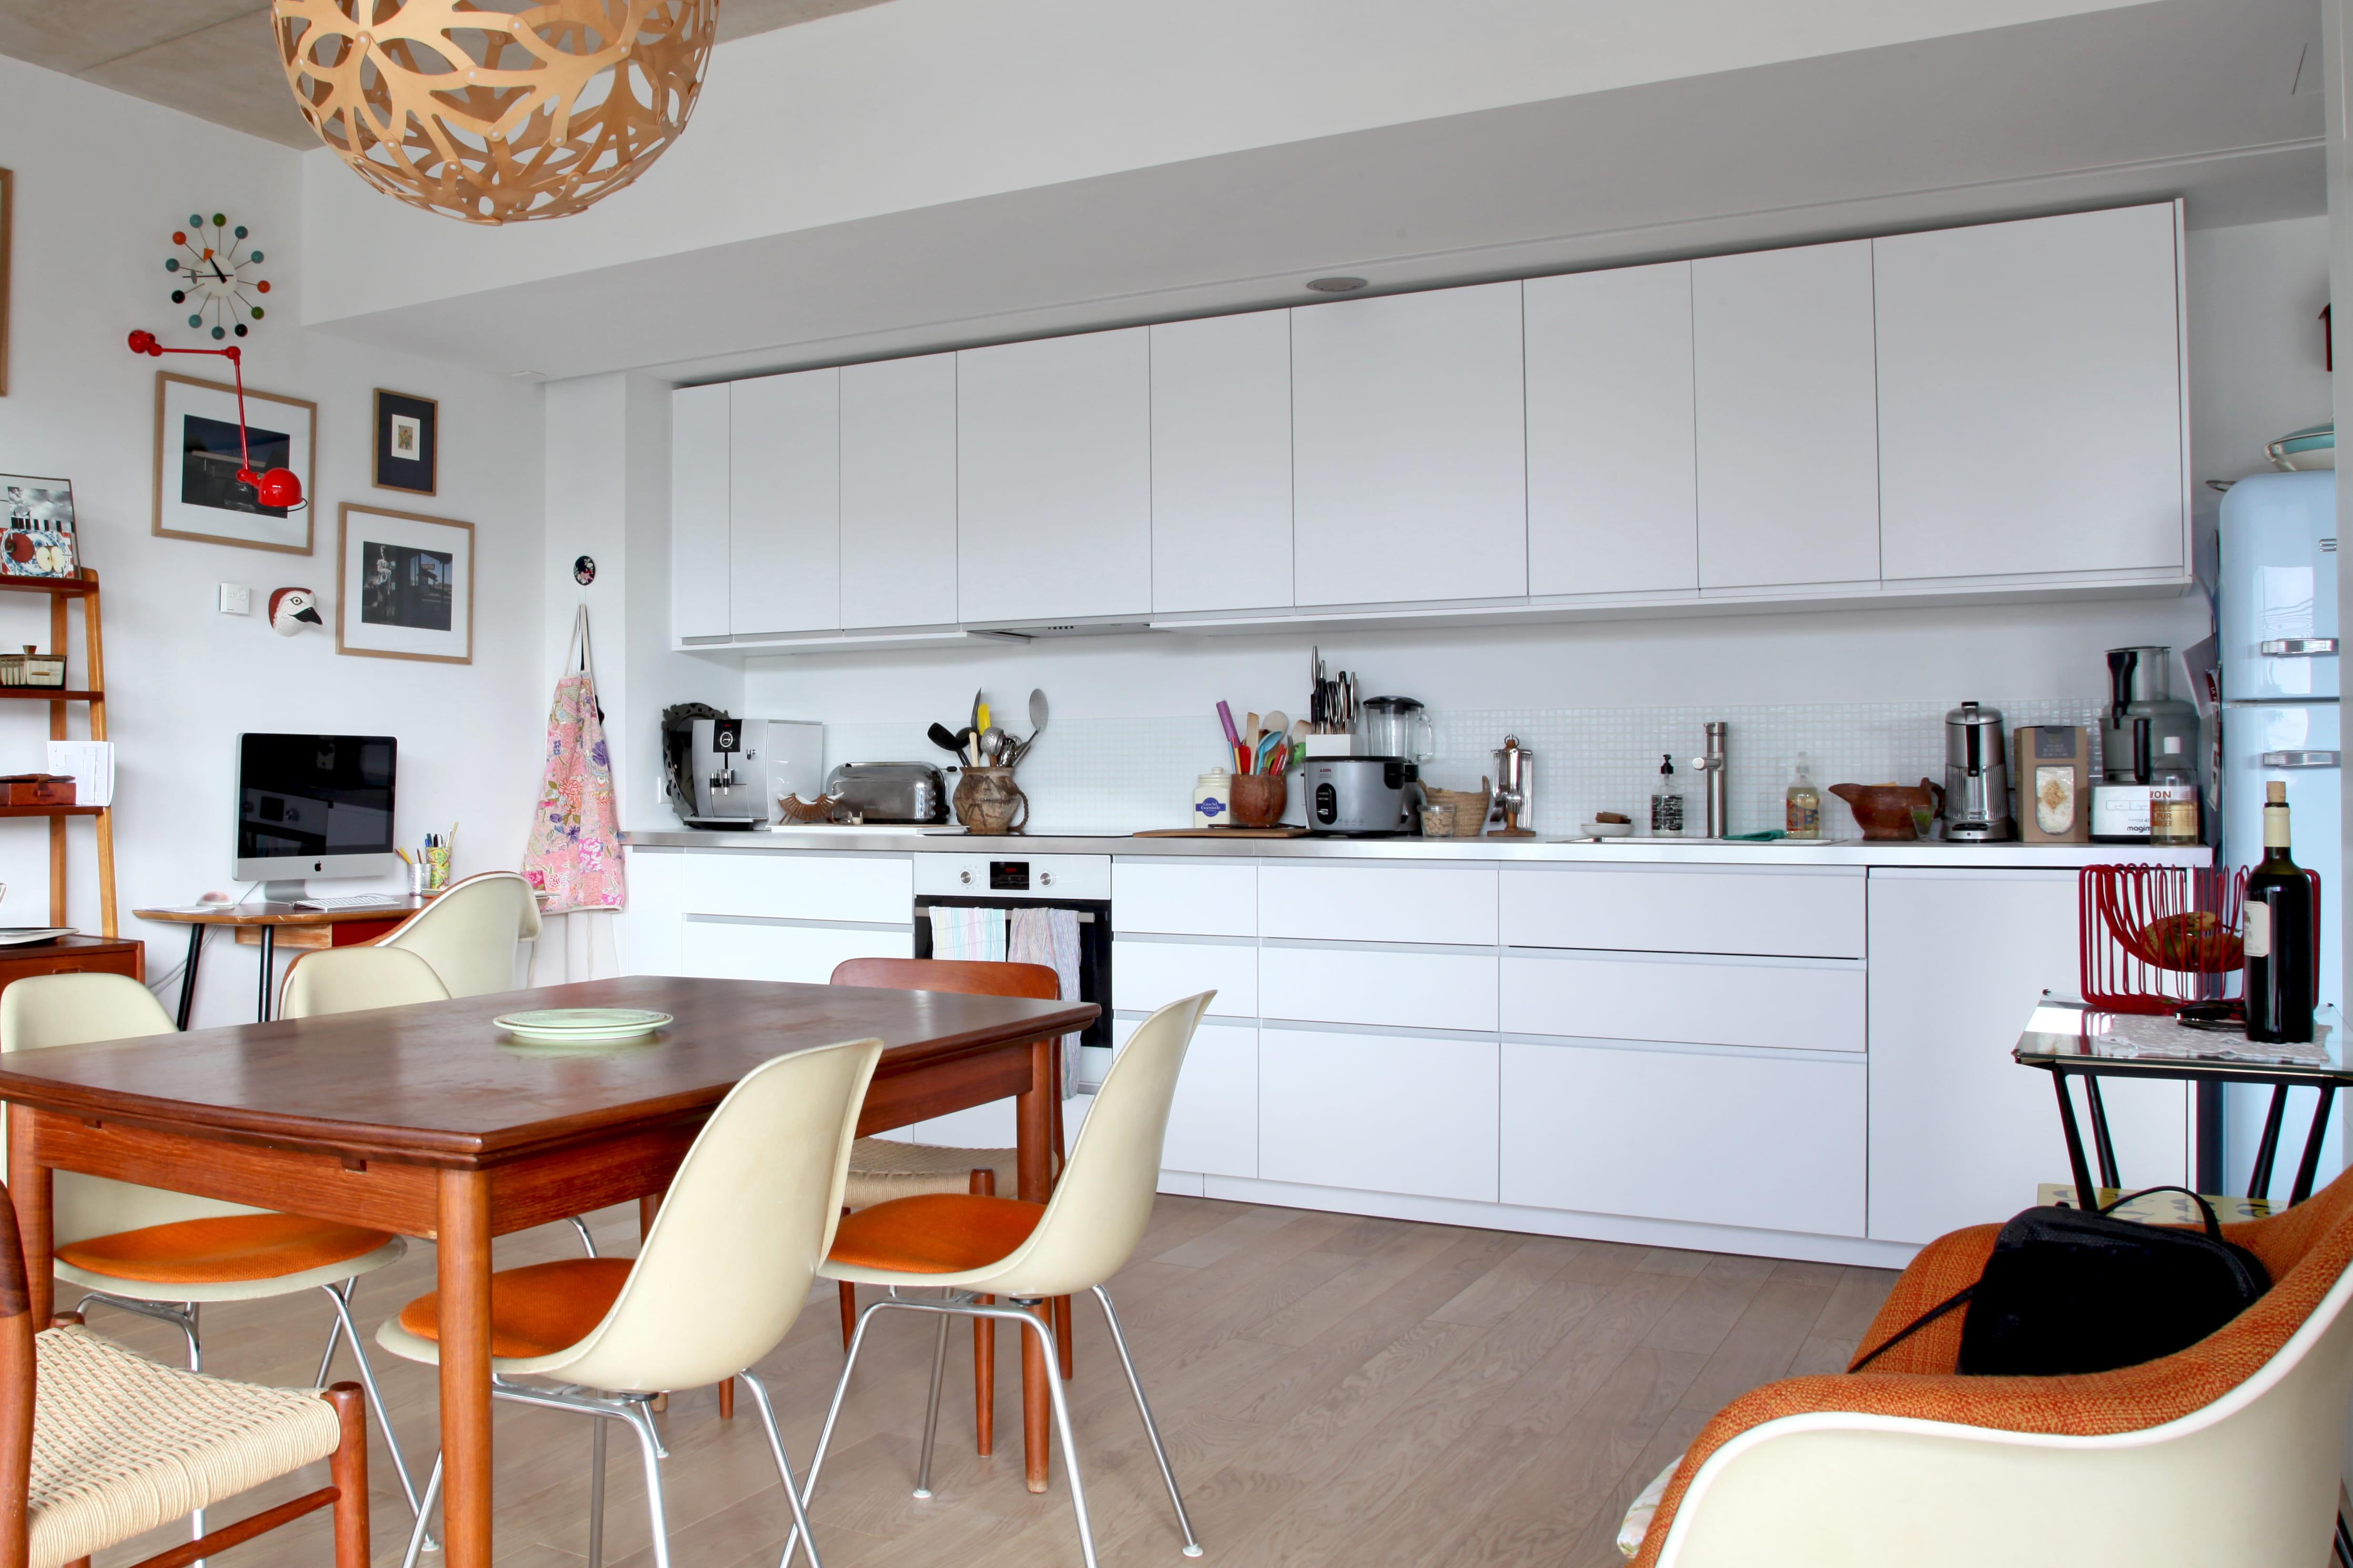 Cuisine blanche des pi ces ultra lumineuses journal - Couleur mur pour cuisine blanche ...